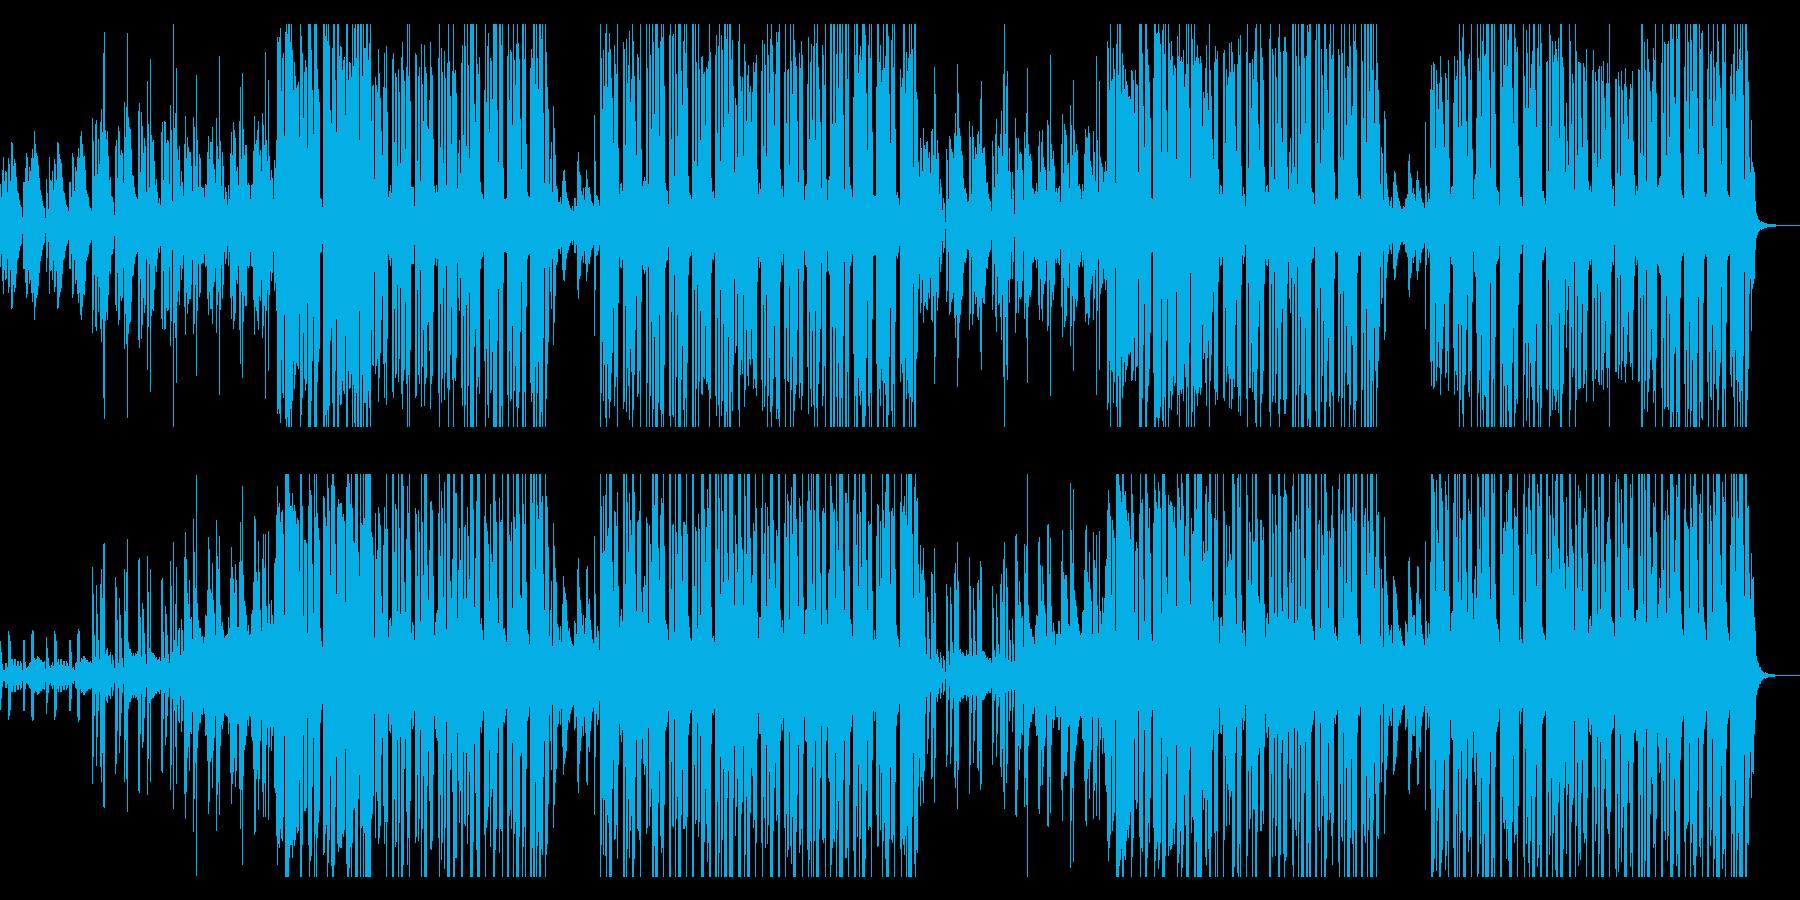 清涼飲料水のCM、スペーシーな音ゲー風の再生済みの波形